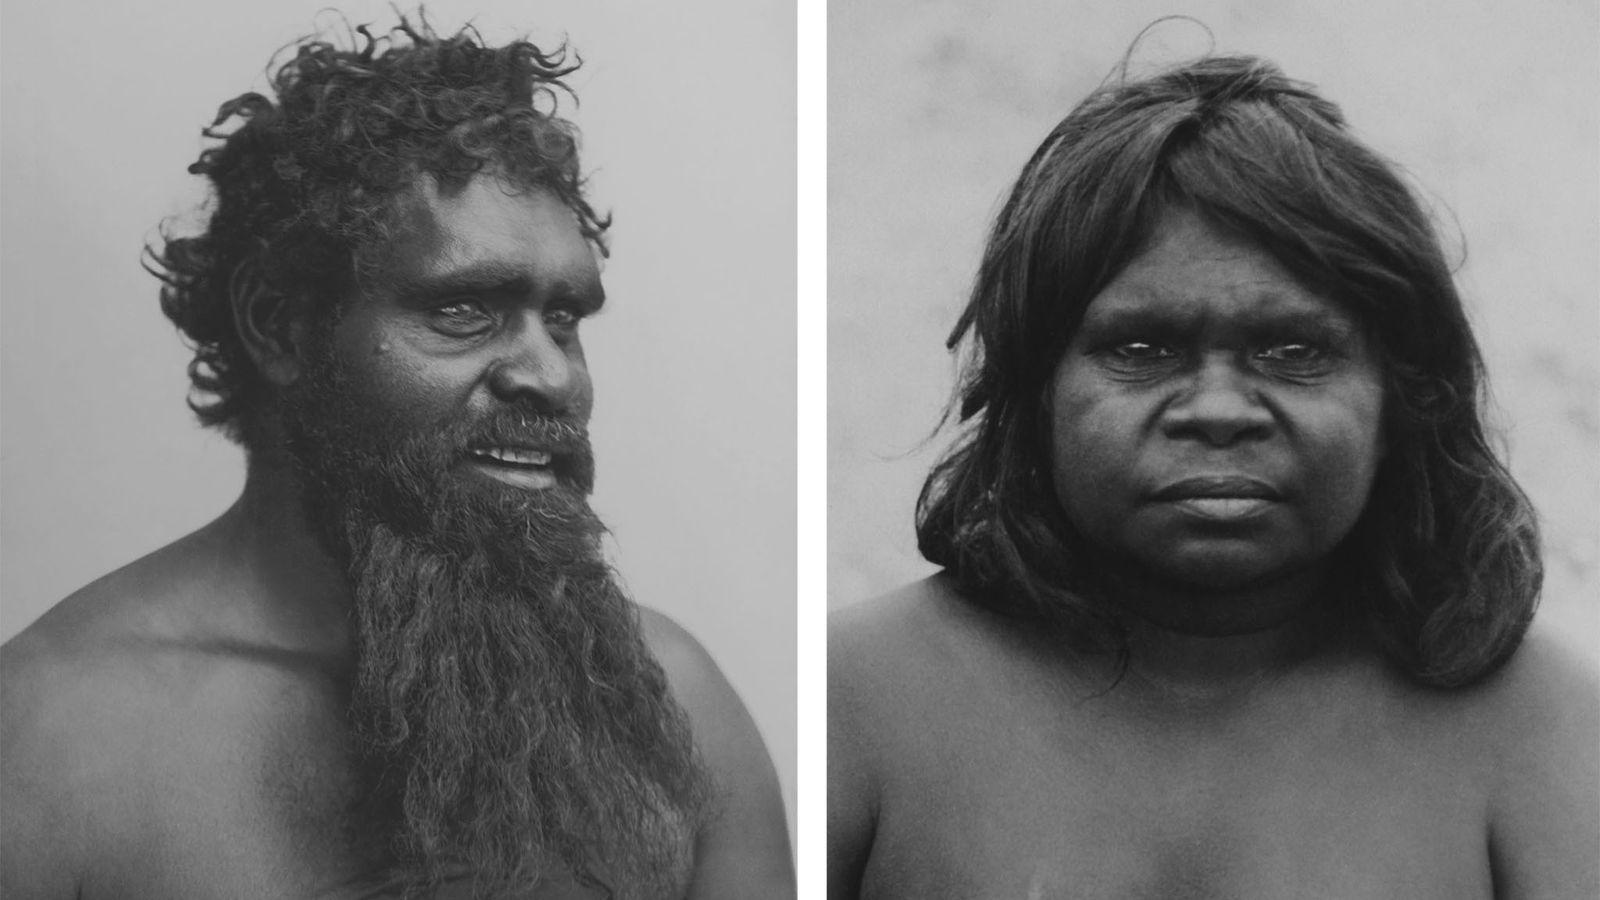 Dans un article paru en 1916 sur l'Australie, les Aborigènes ont été qualifiés de « sauvages ...